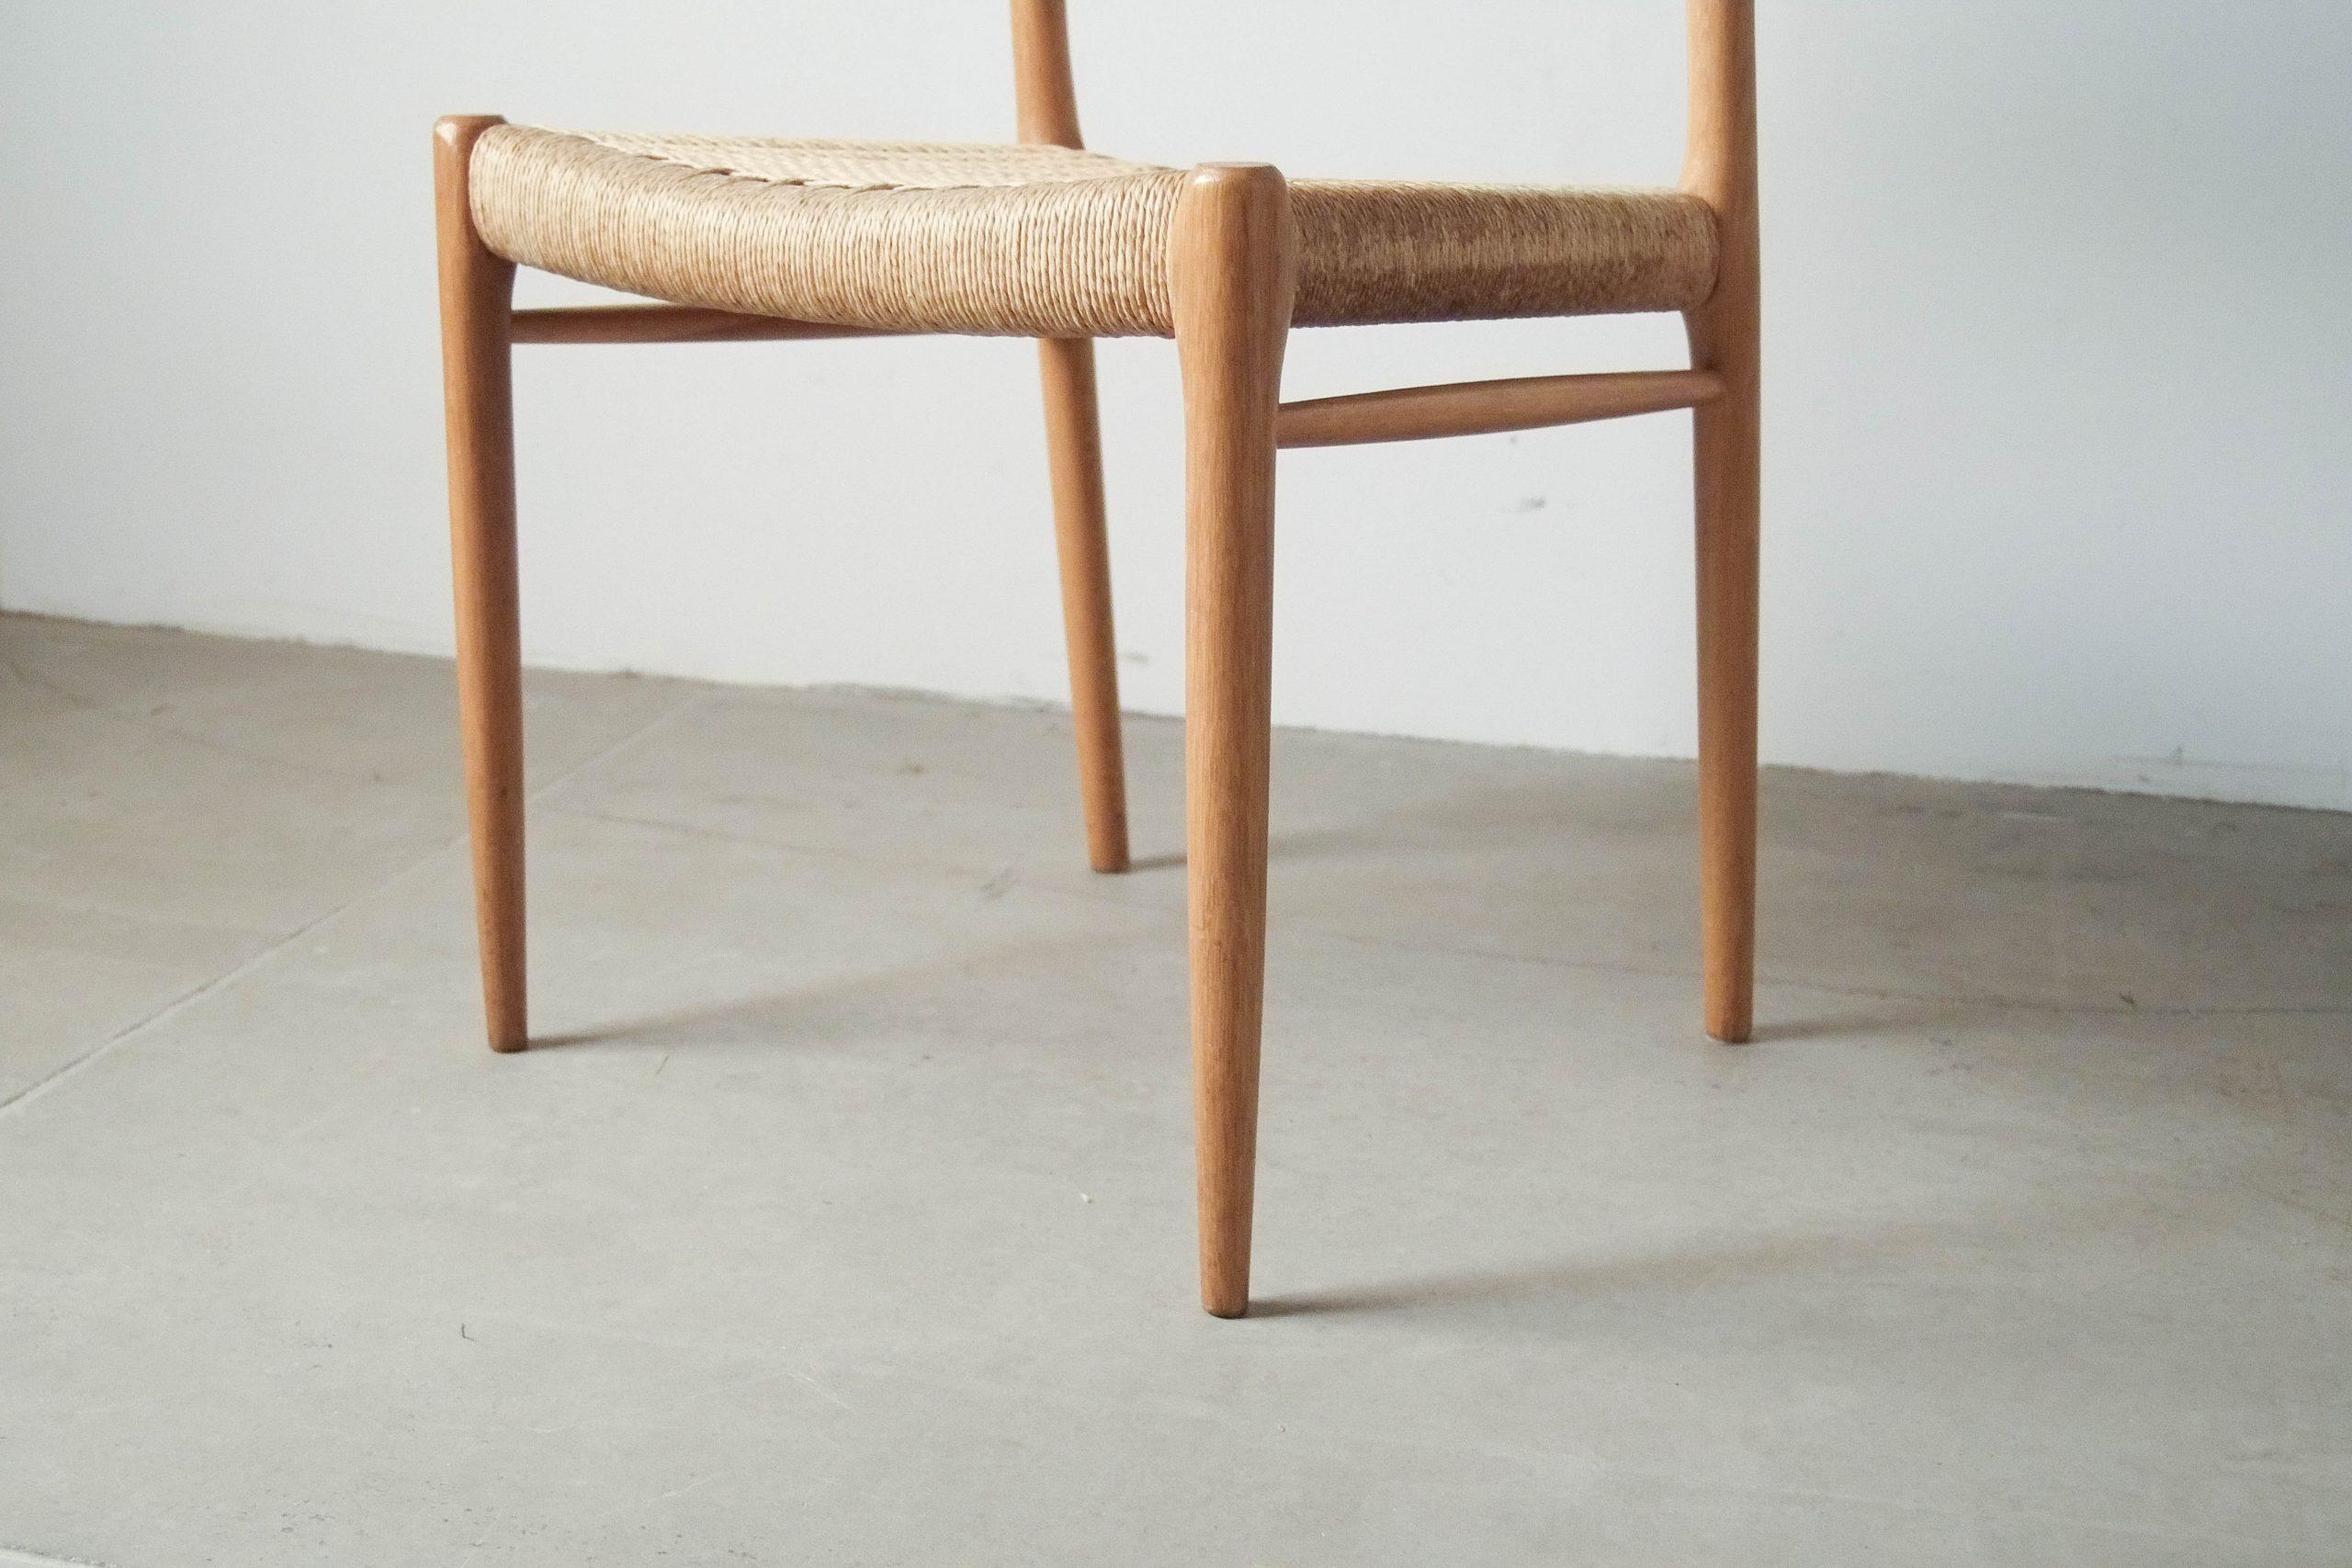 silla de comedor cocina comoda de dieño mid century años 60 madera de roble